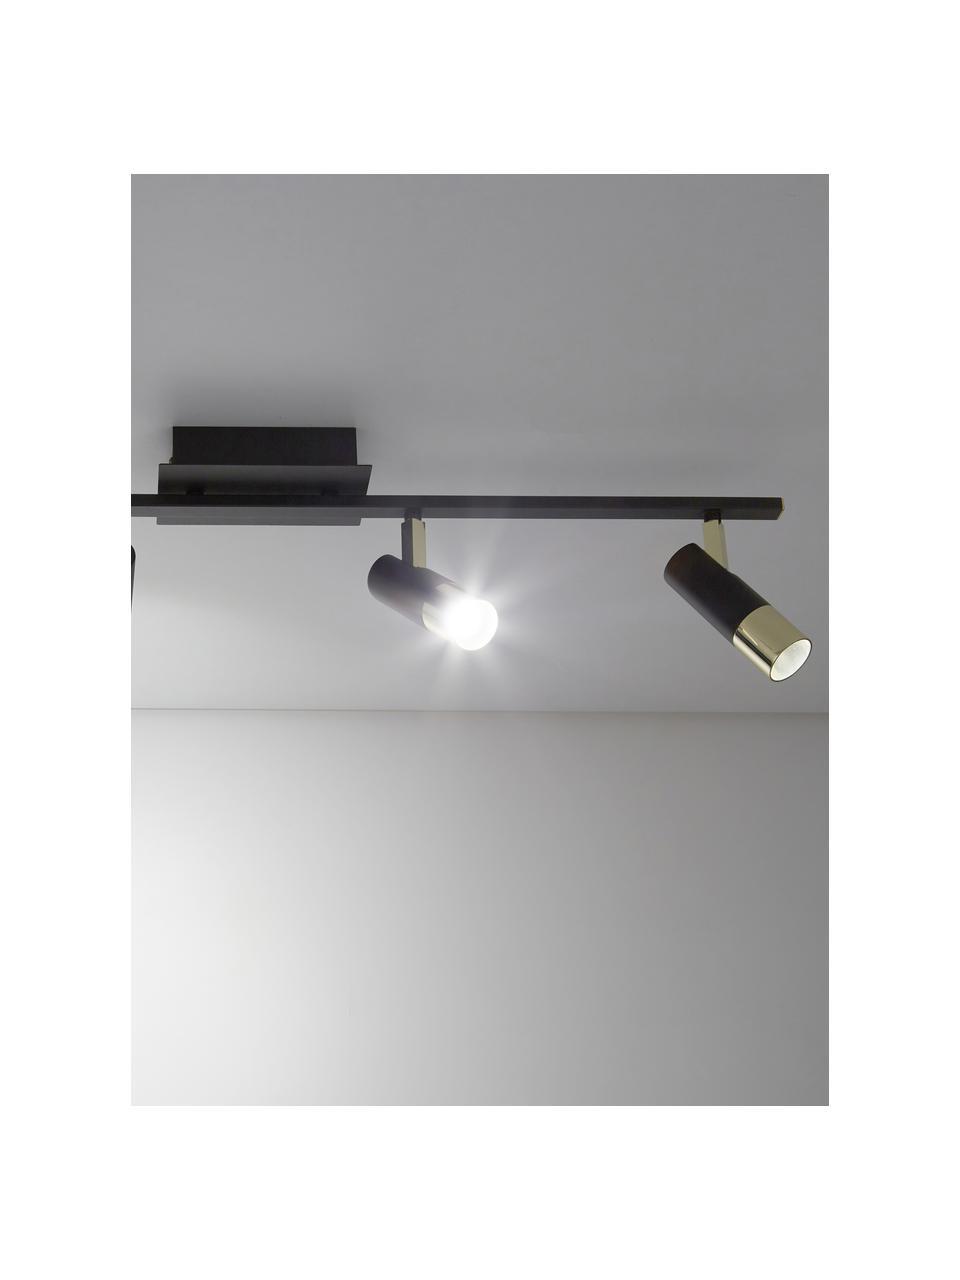 LED-Deckenstrahler Bobby in Schwarz-Gold, Baldachin: Metall, pulverbeschichtet, Schwarz,Goldfarben, 86 x 13 cm